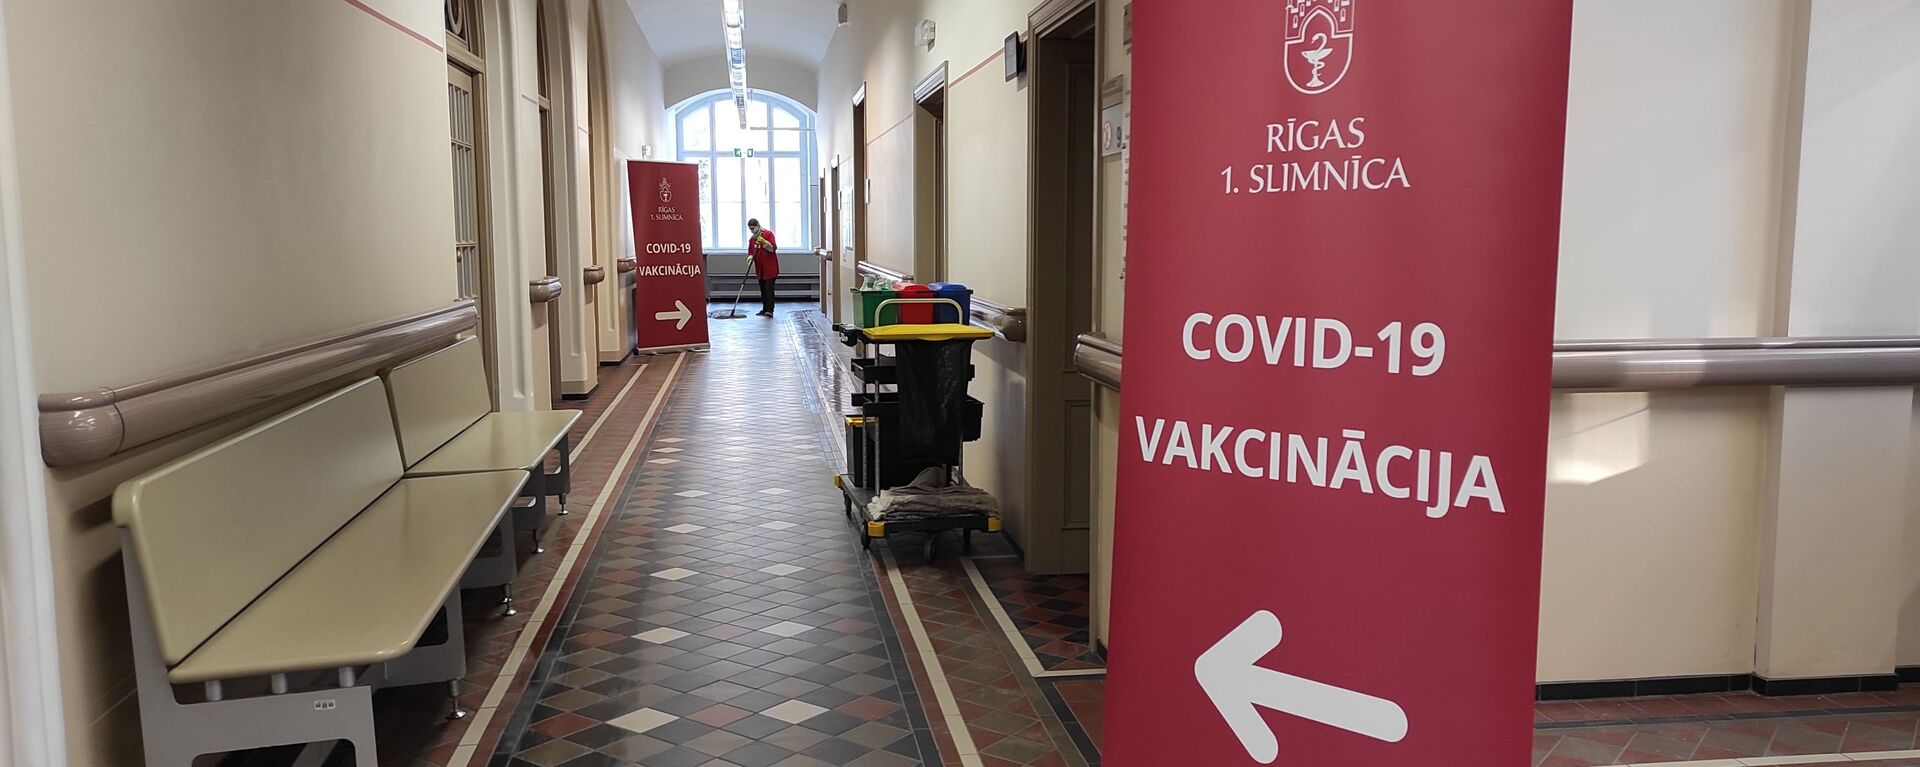 Вакцинация в Первой городской больнице Риги - Sputnik Латвия, 1920, 07.07.2021